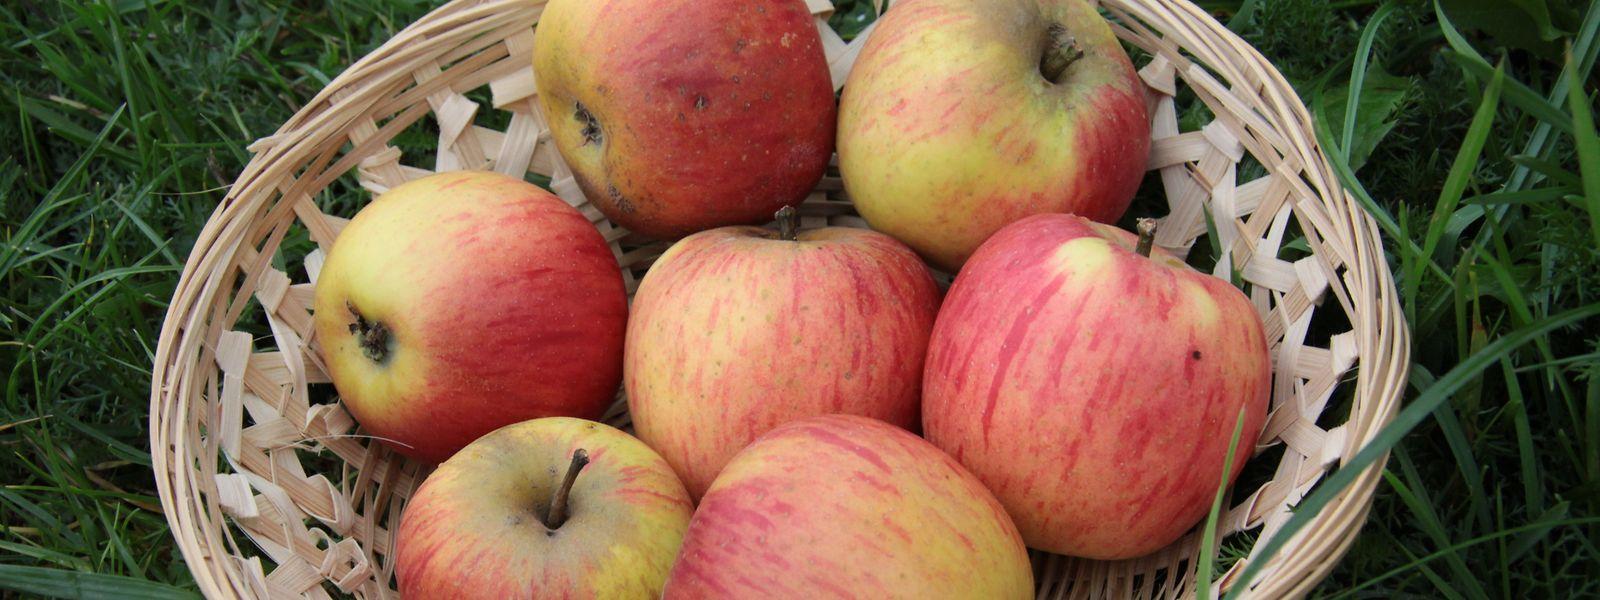 Die nationale Produktion reicht nicht aus, um die Nachfrage an Äpfeln zu erfüllen.